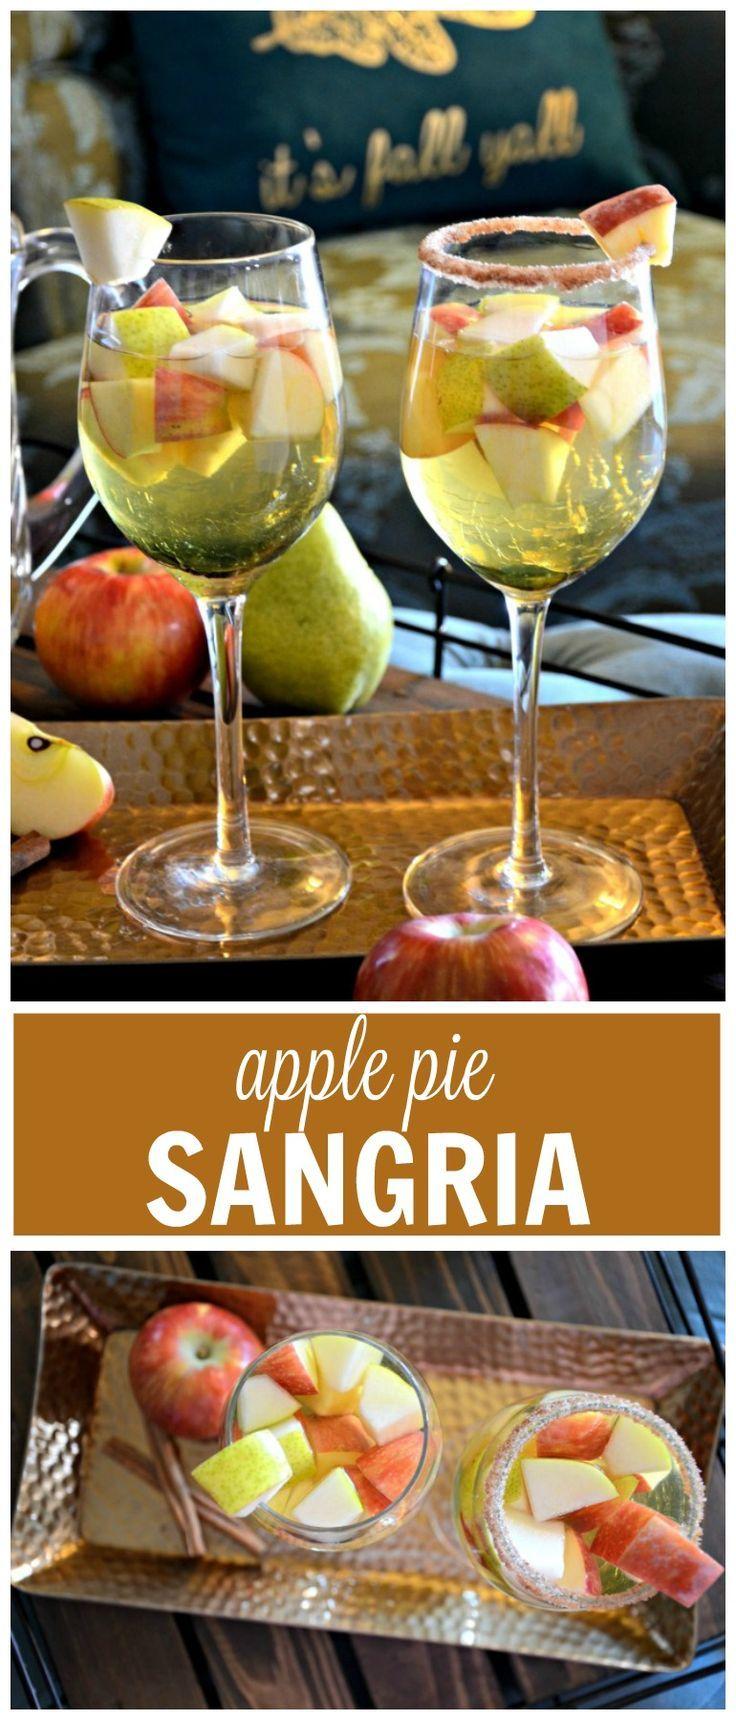 Medium Of Apple Pie Sangria